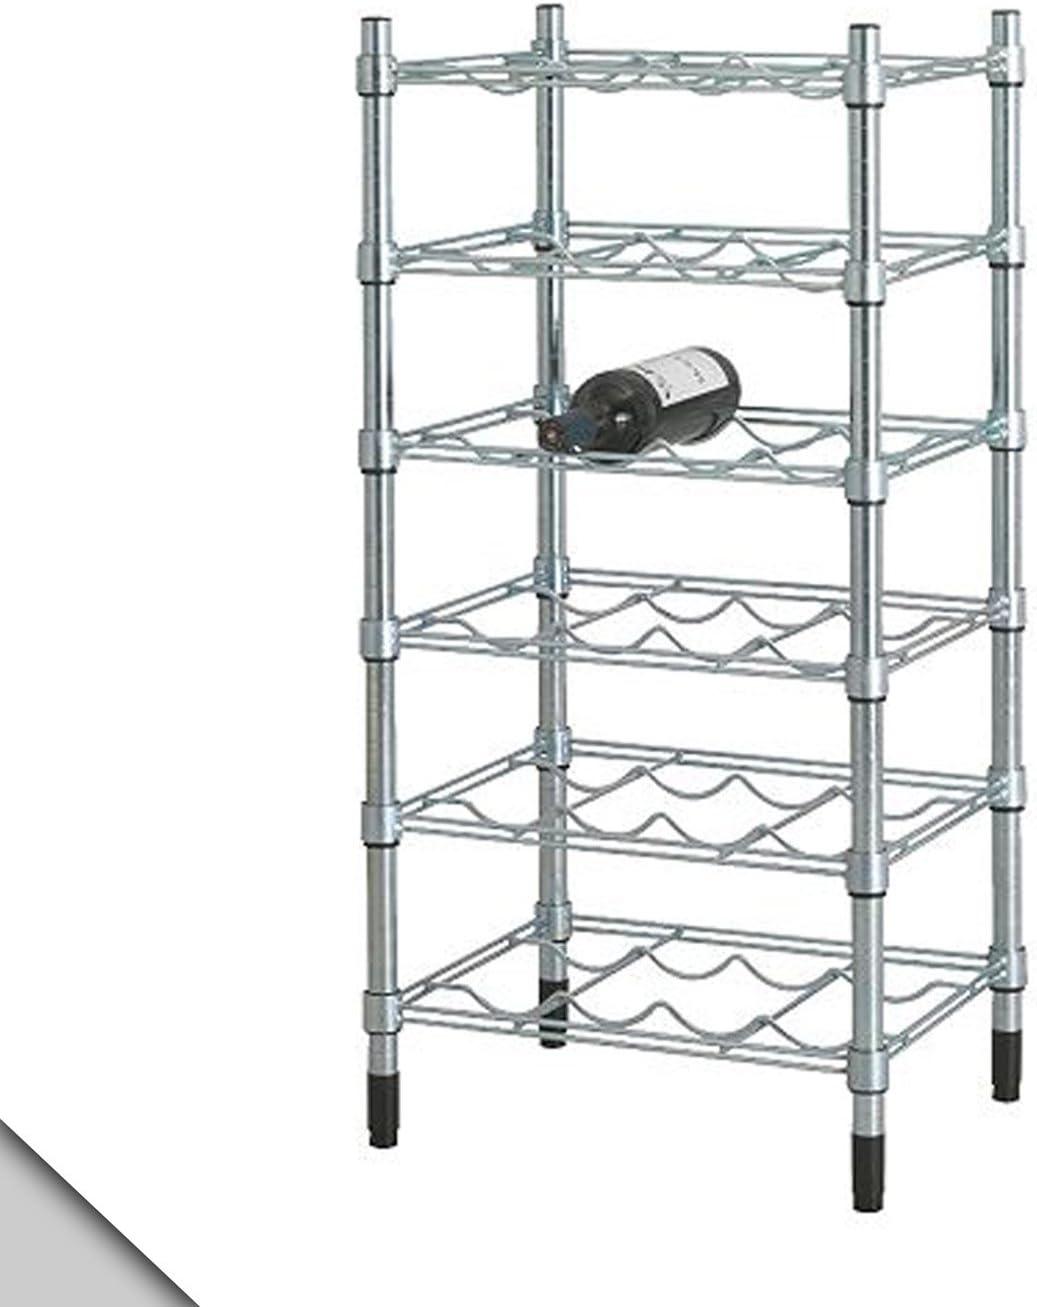 IKEA - Estante de vino OMAR galvanizado: Amazon.es: Hogar